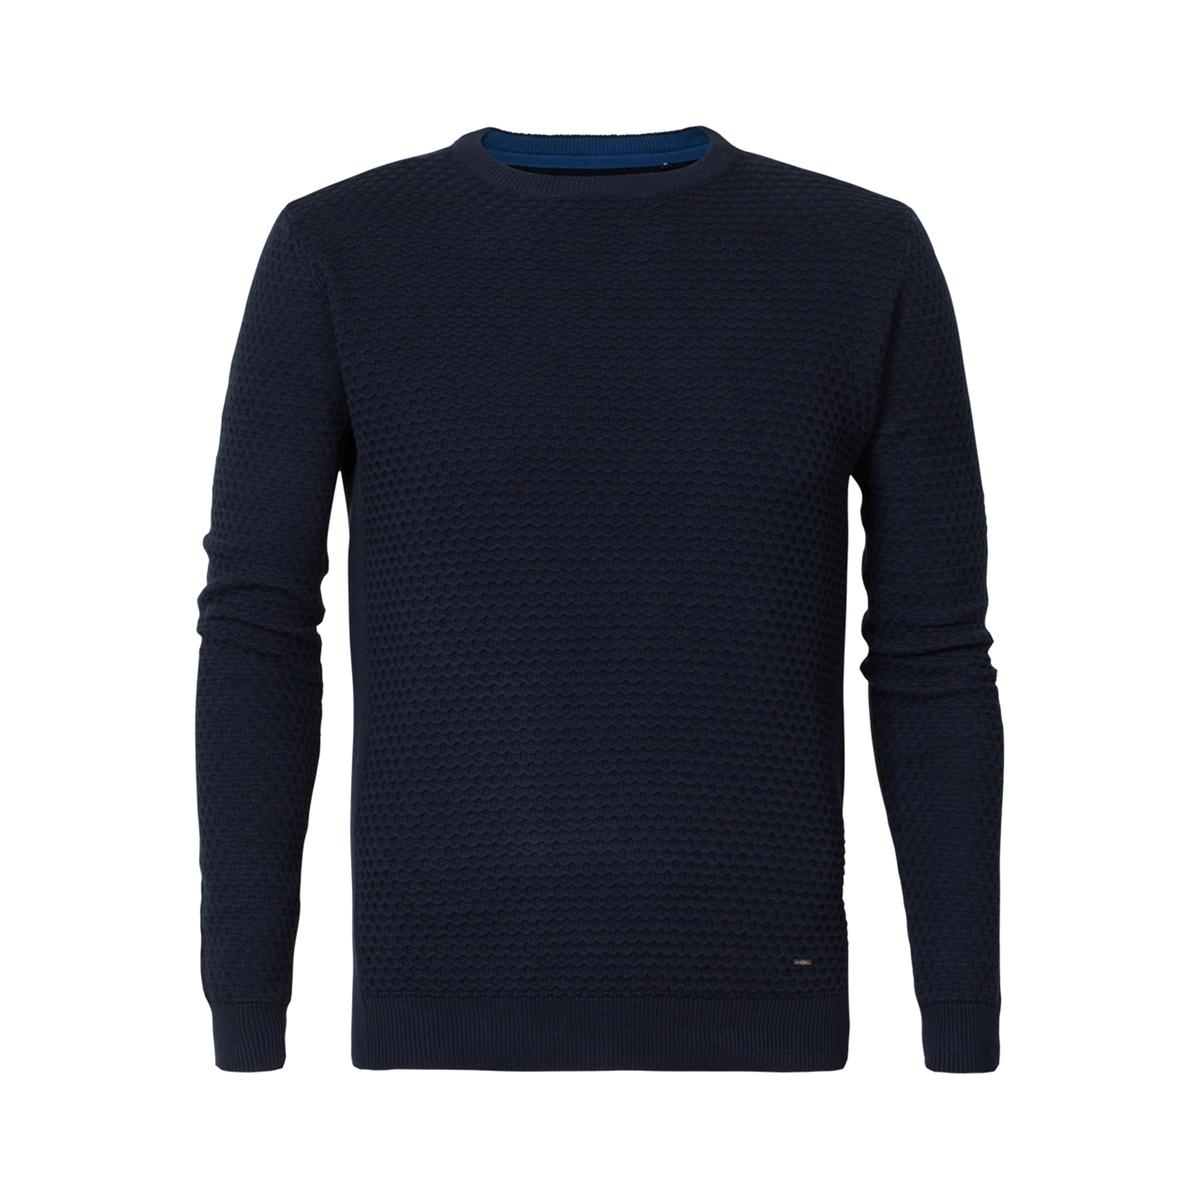 Пуловер из тонкого трикотажаОписание:Детали  •  Длинные рукава  •  Круглый вырез •  Тонкий трикотаж Состав и уход  •  100% хлопок  •  Следуйте советам по уходу, указанным на этикетке<br><br>Цвет: серый,синий морской<br>Размер: XL